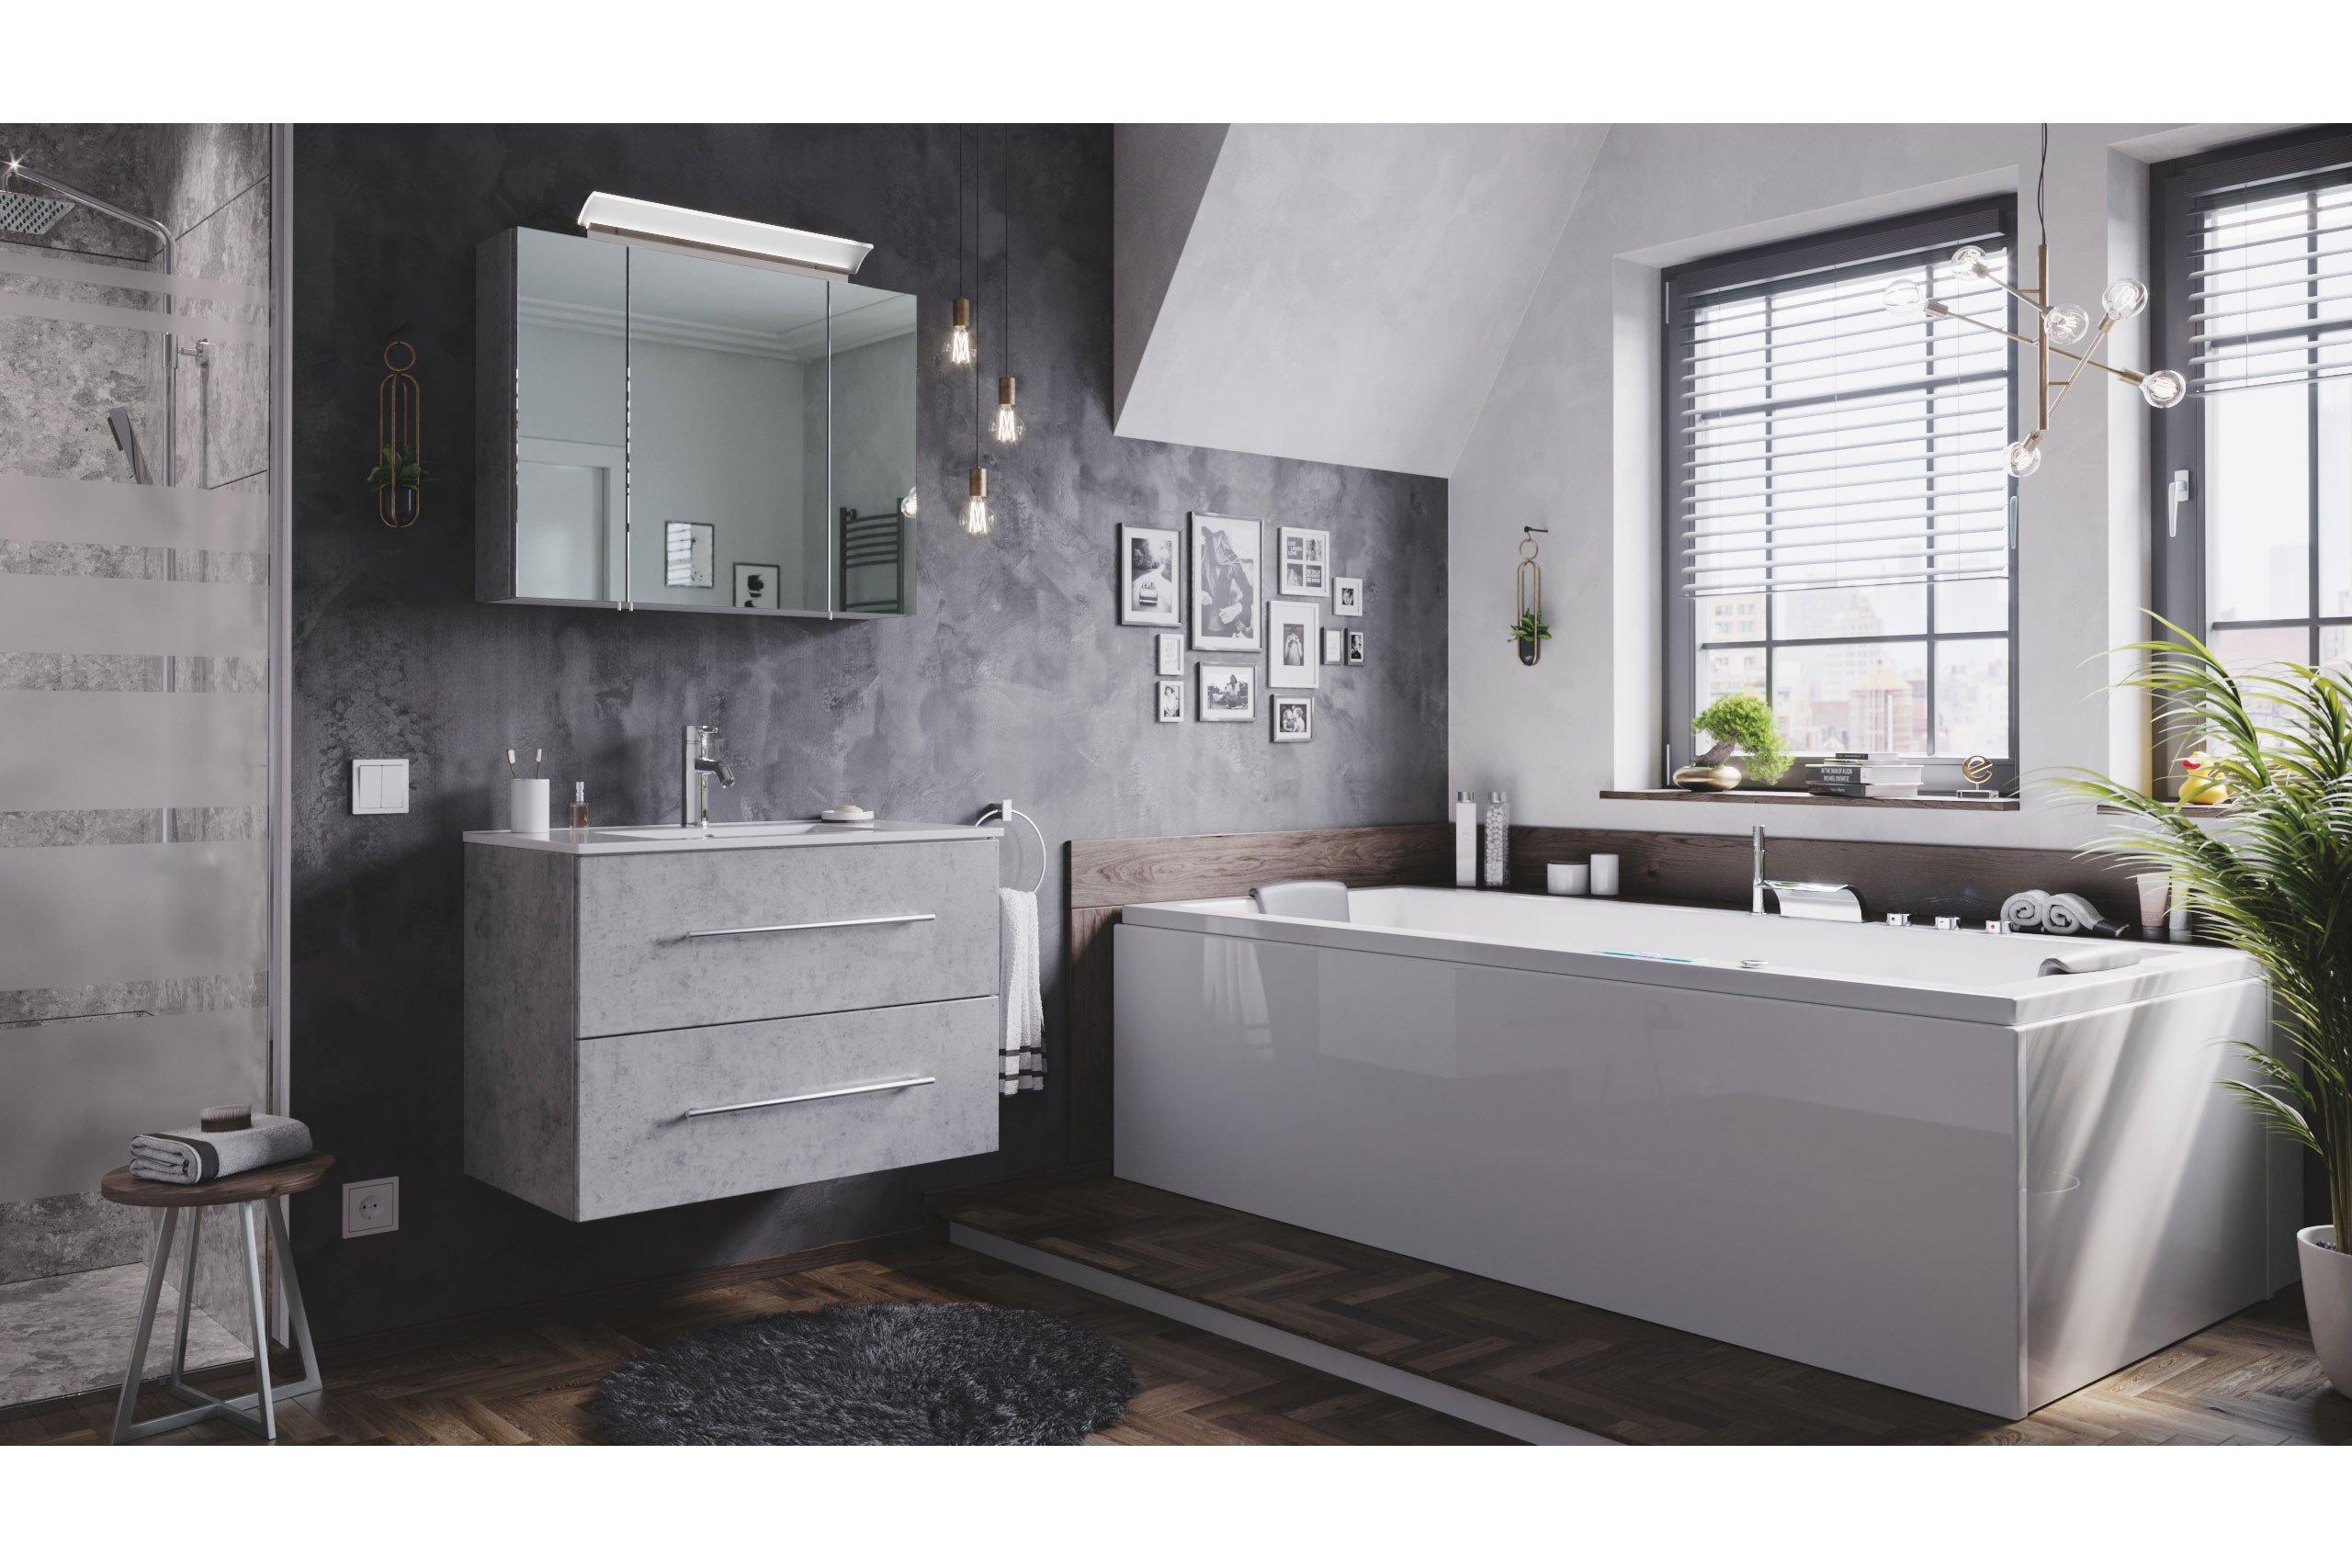 Posseik Badezimmer-Set Homeline in Beton mit LED-Beleuchtung   Möbel Letz -  Ihr Online-Shop